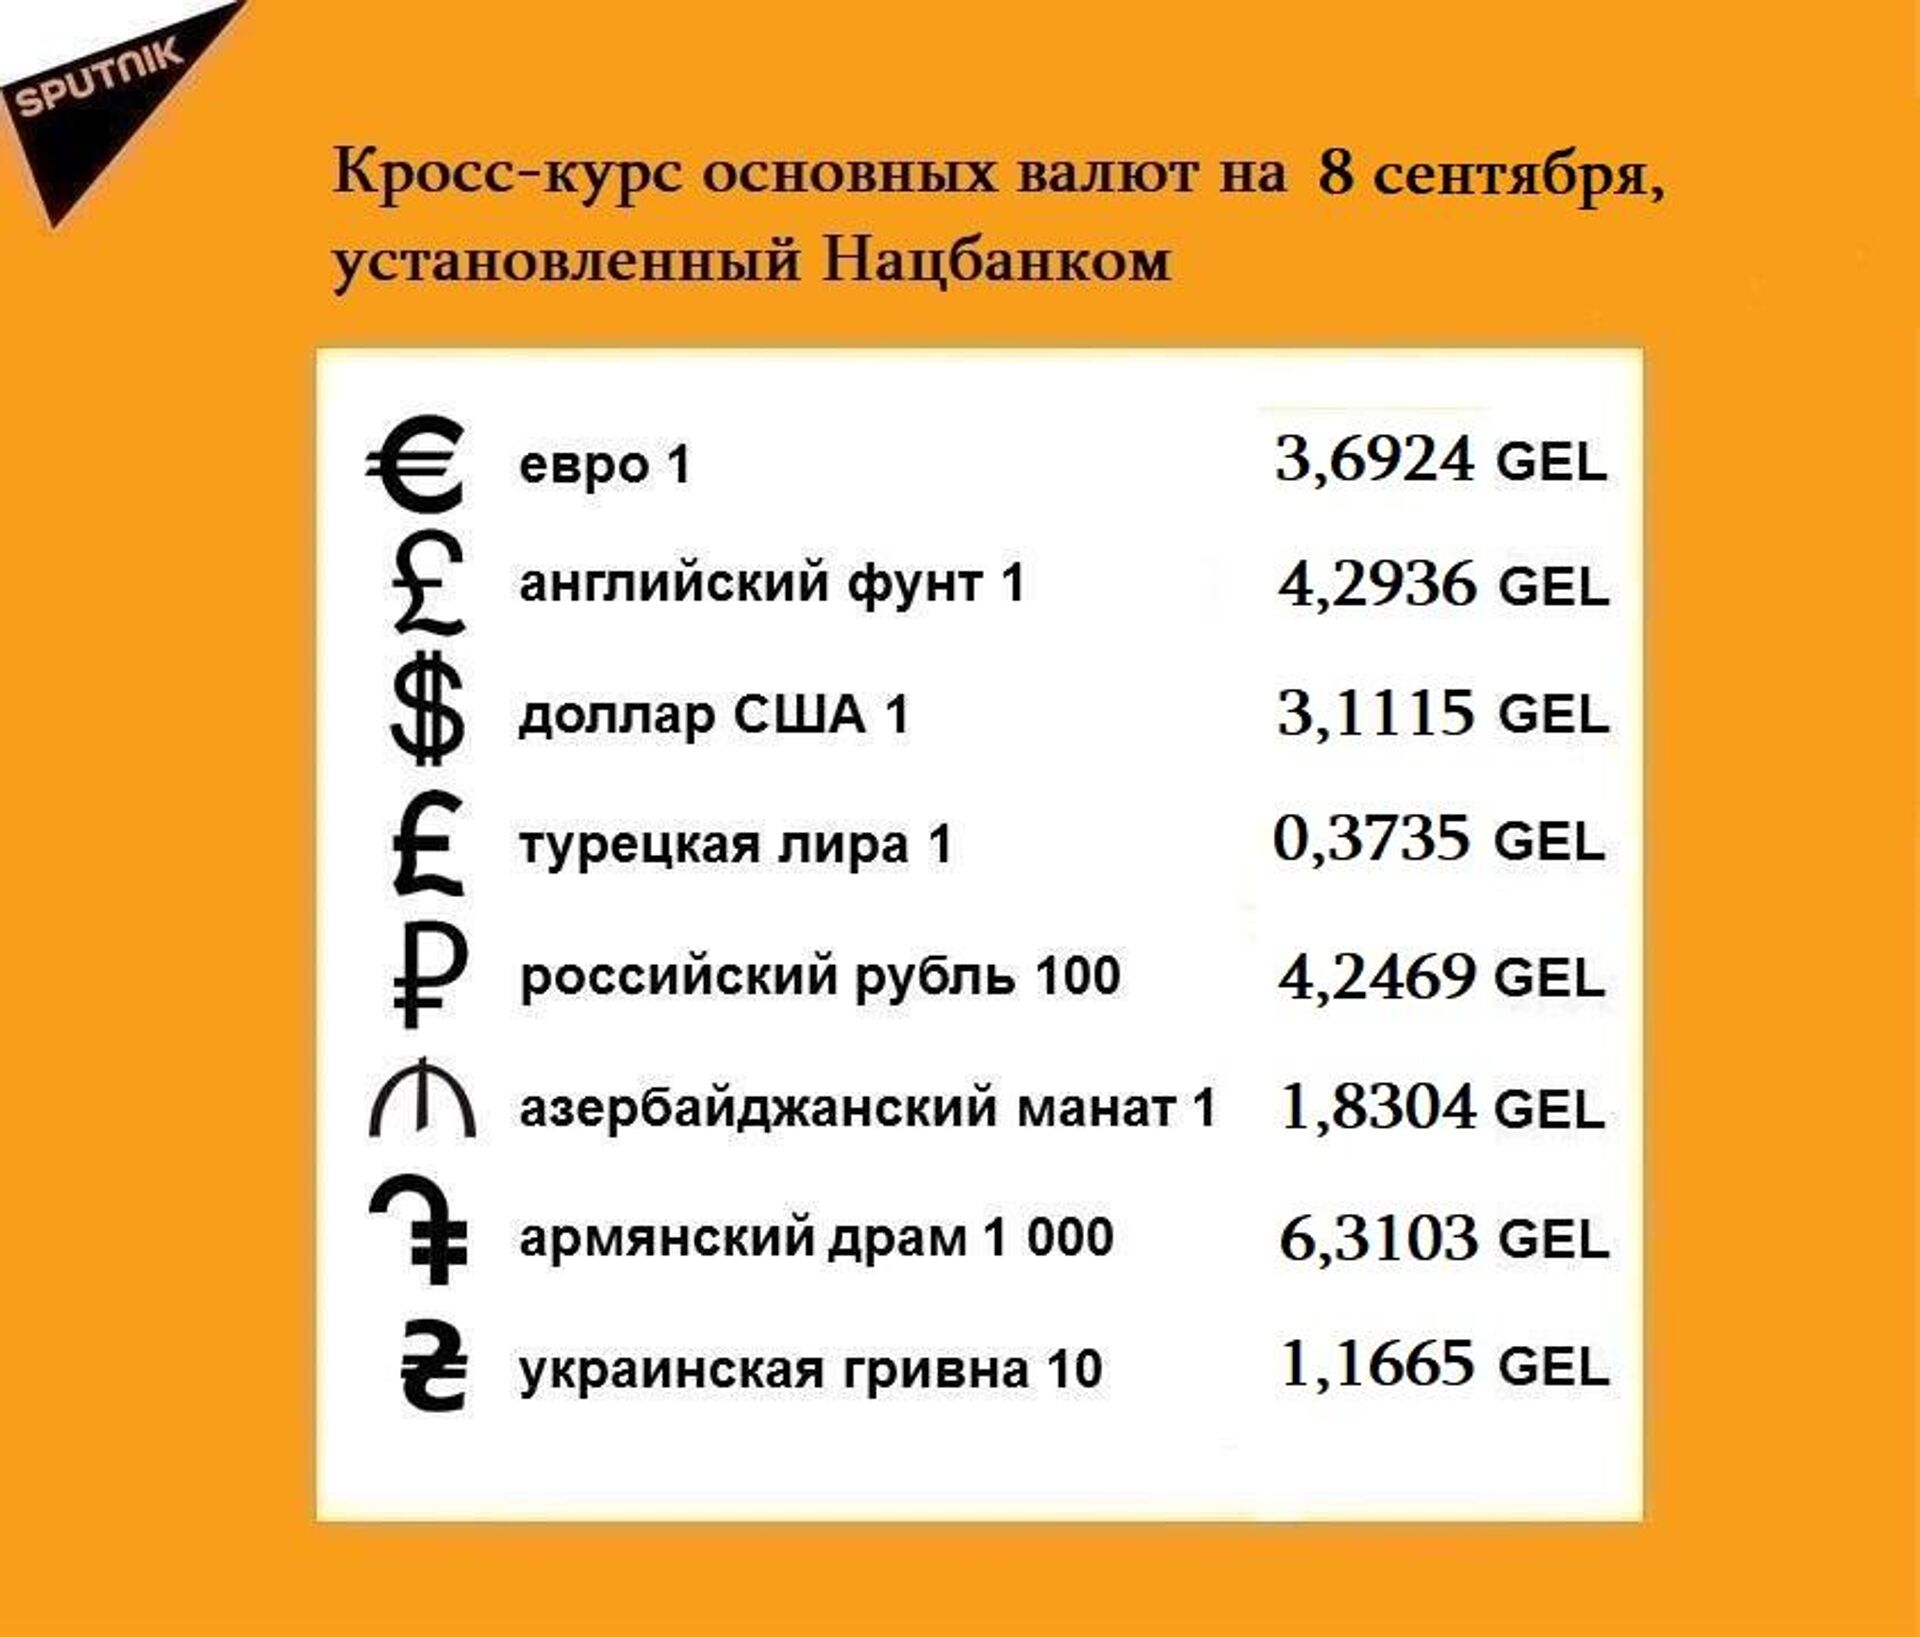 Кросс-курс основных валют на 8 сентября - Sputnik Грузия, 1920, 07.09.2021